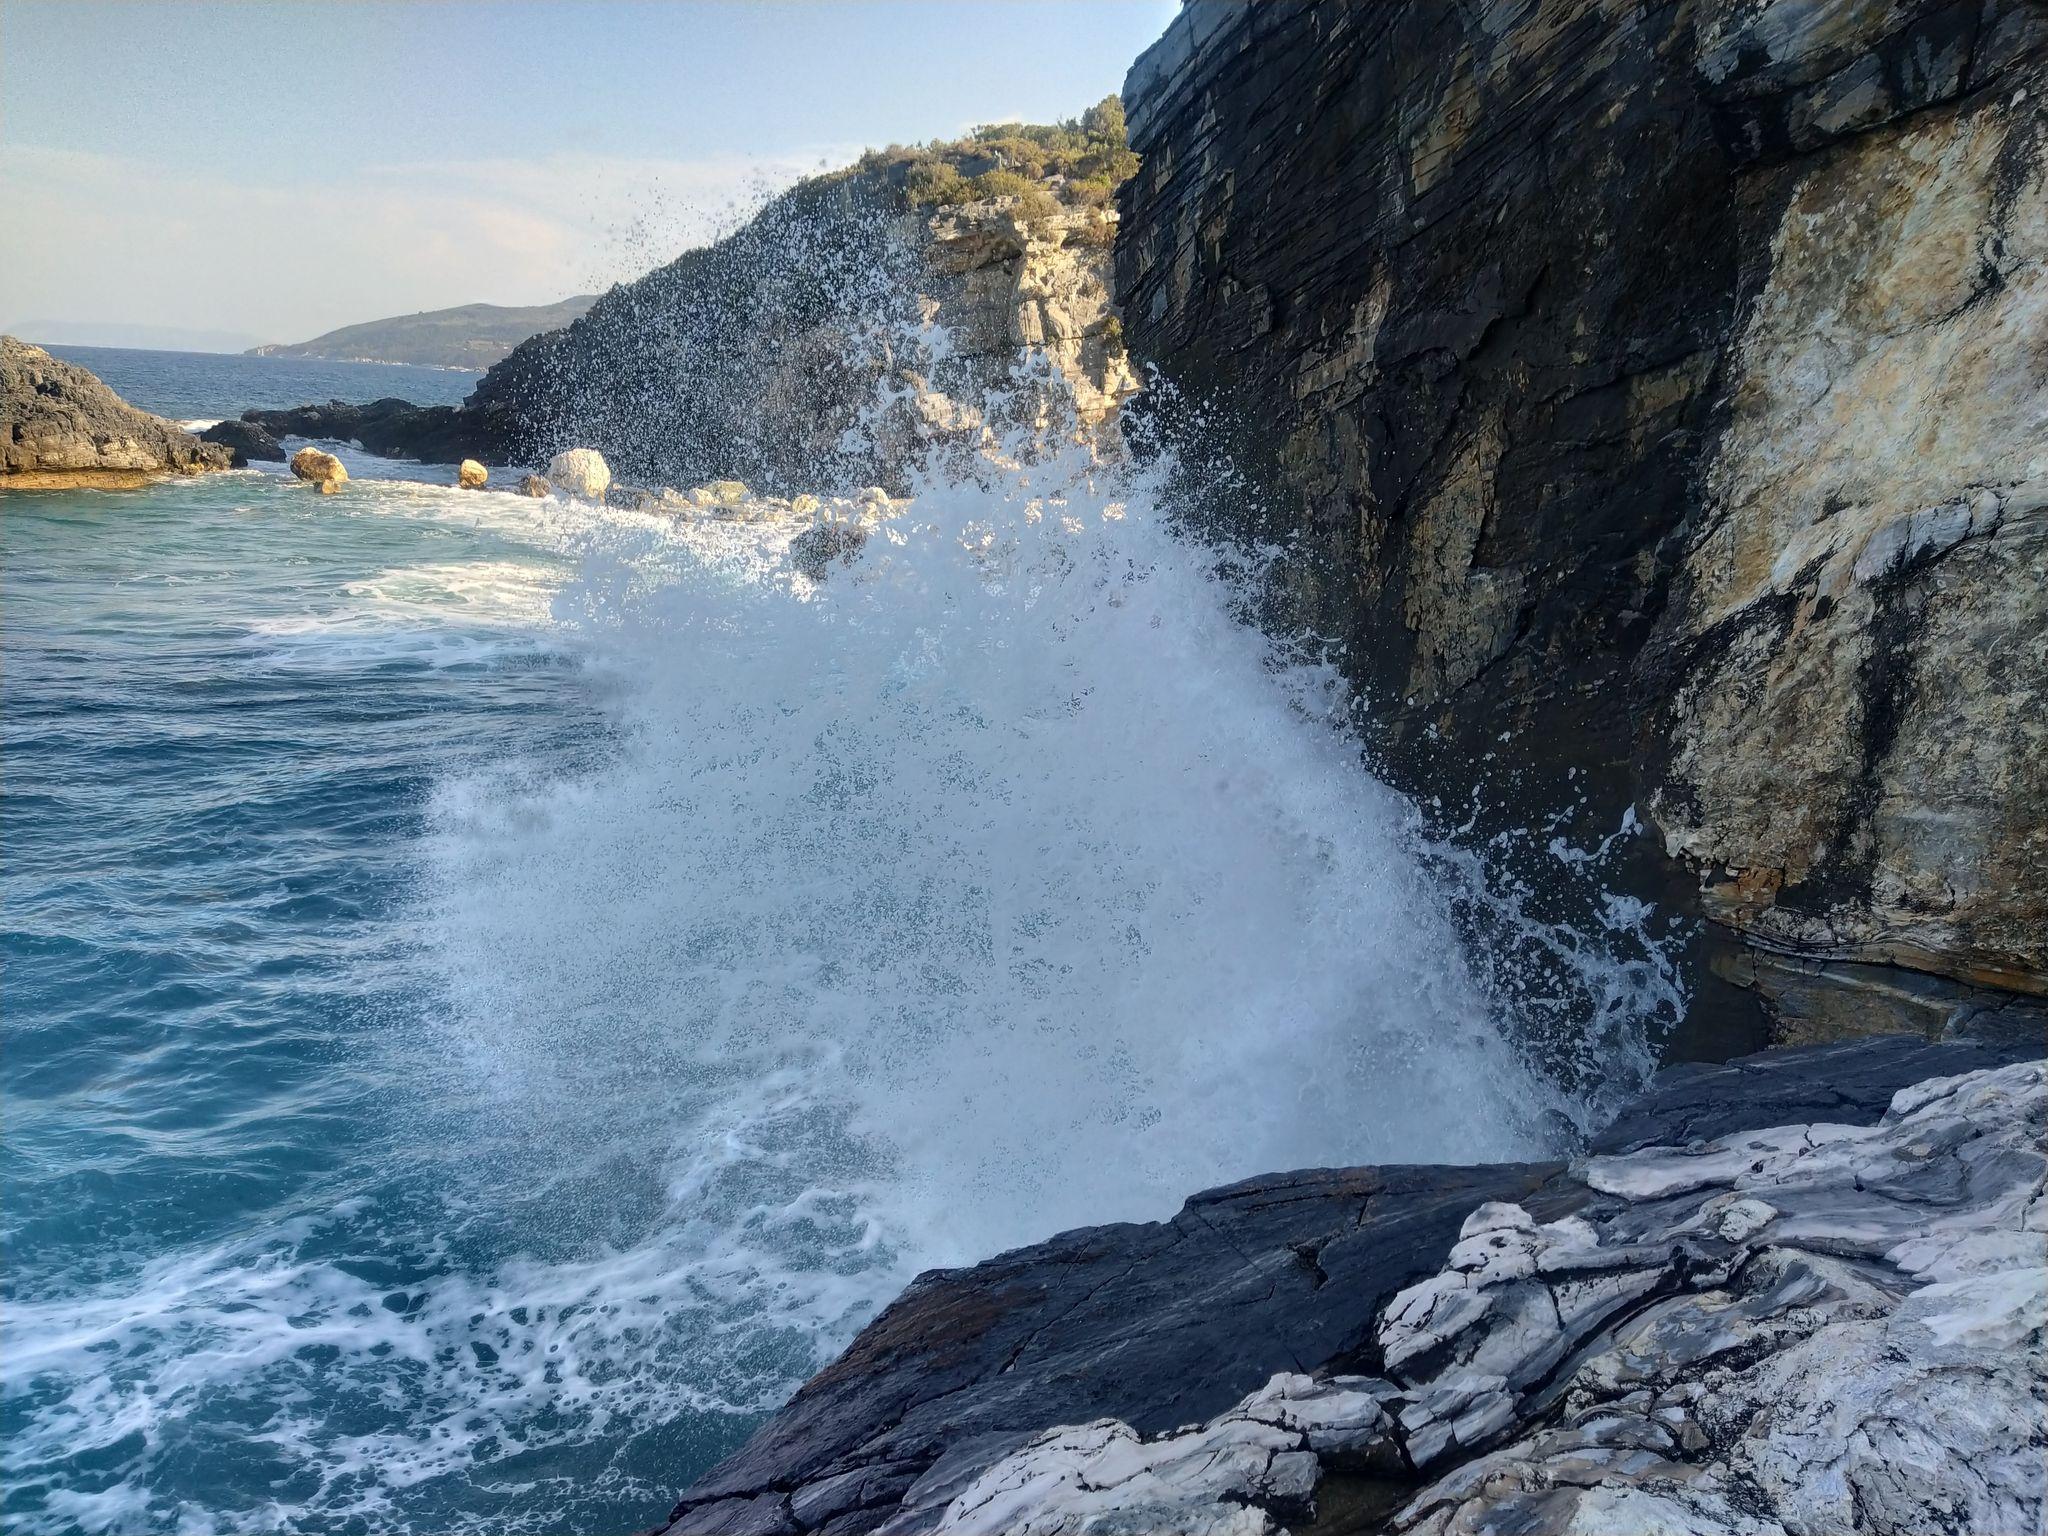 Вълни на плаж Милопотамос